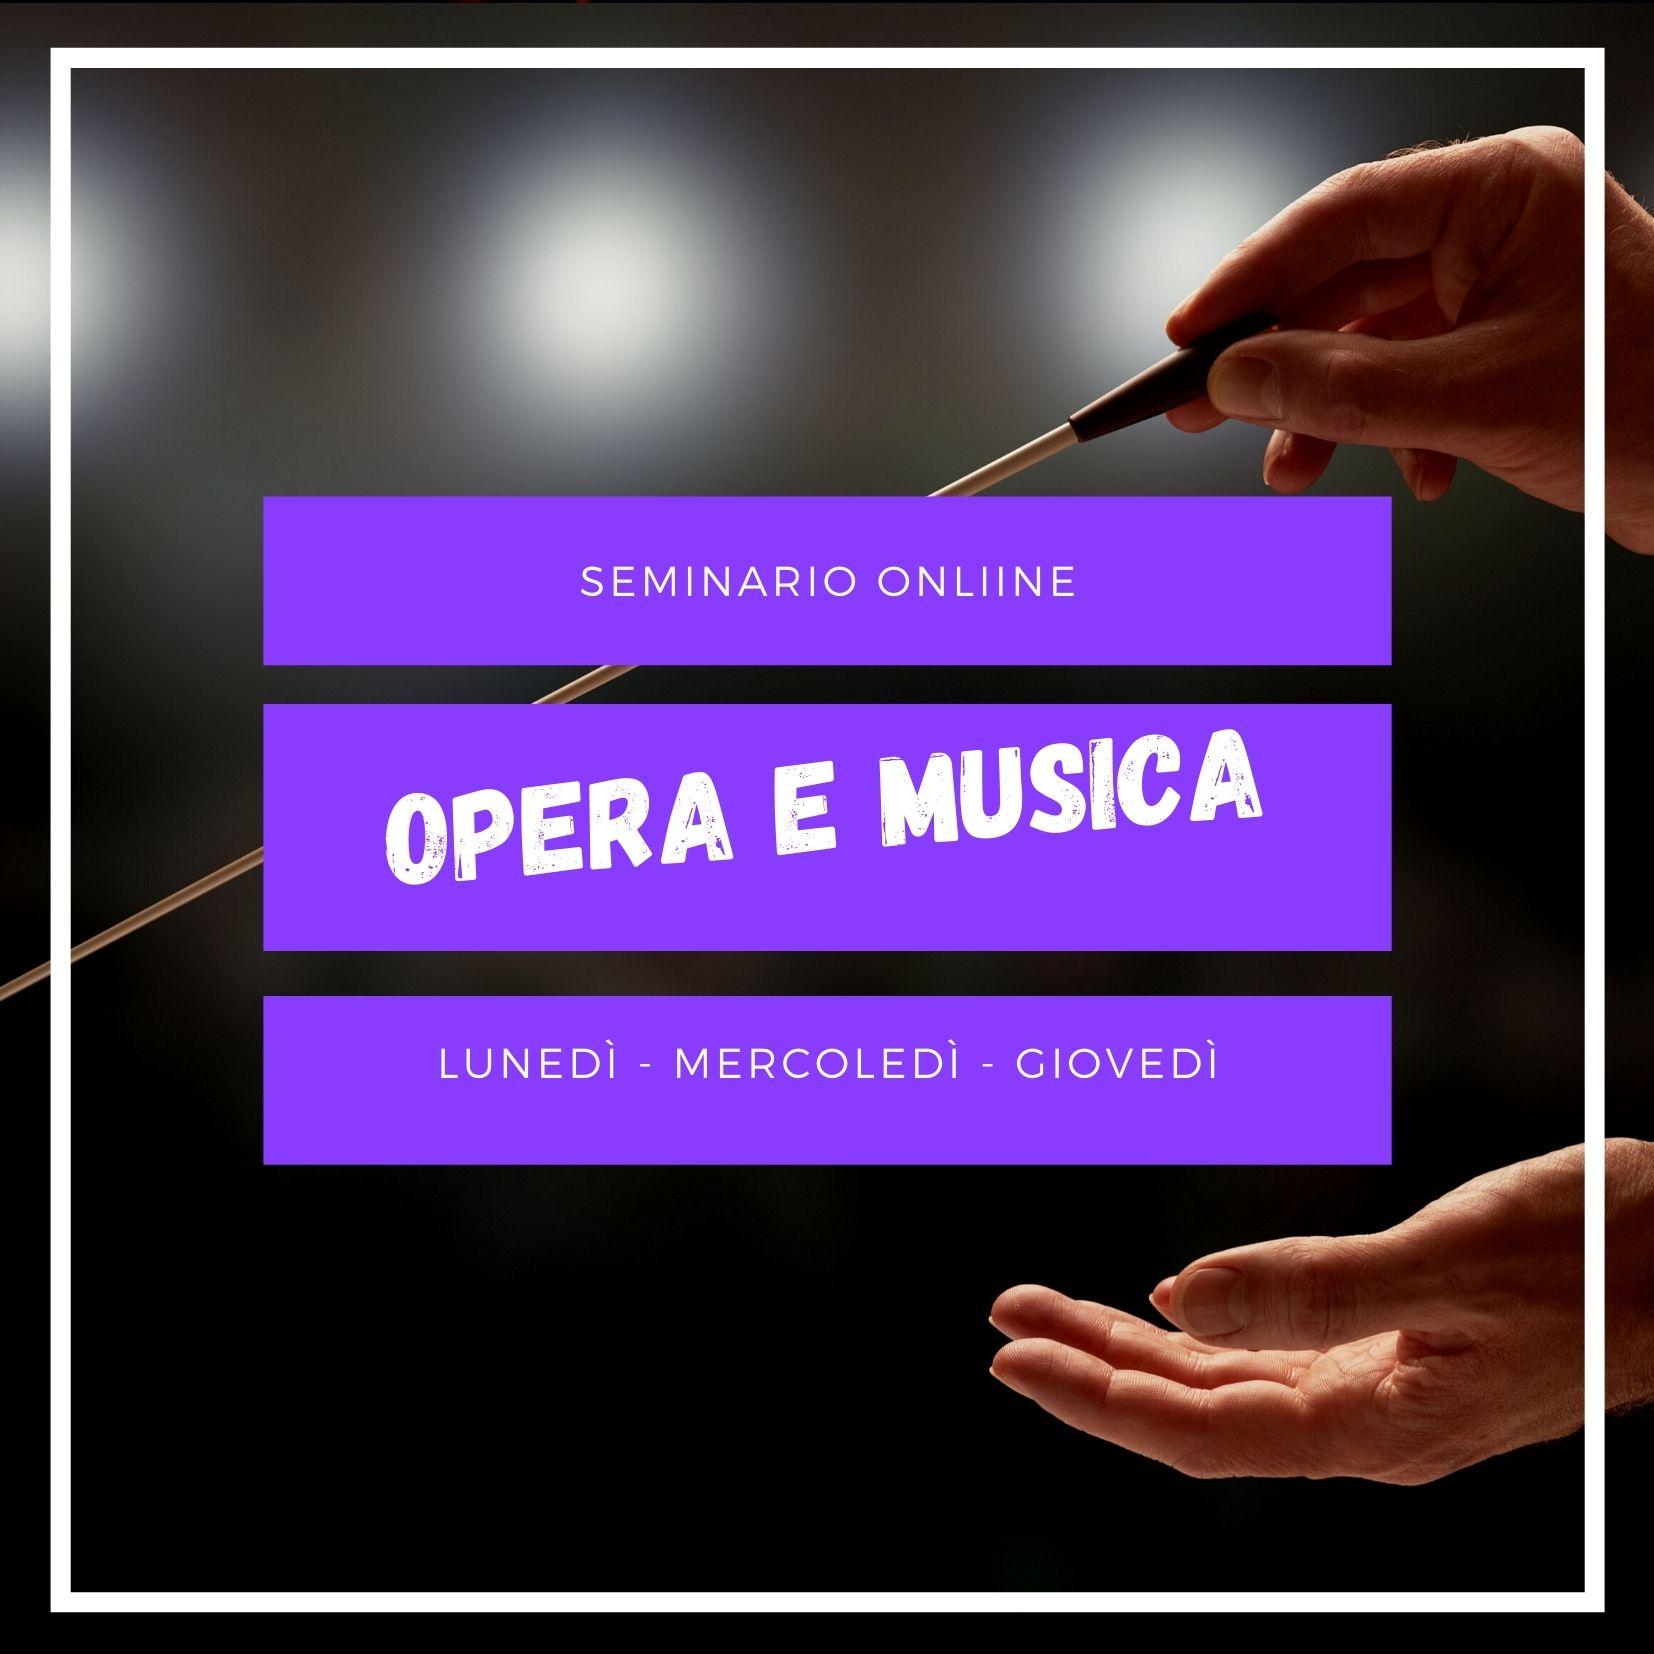 Corso online di opera e musica italiana